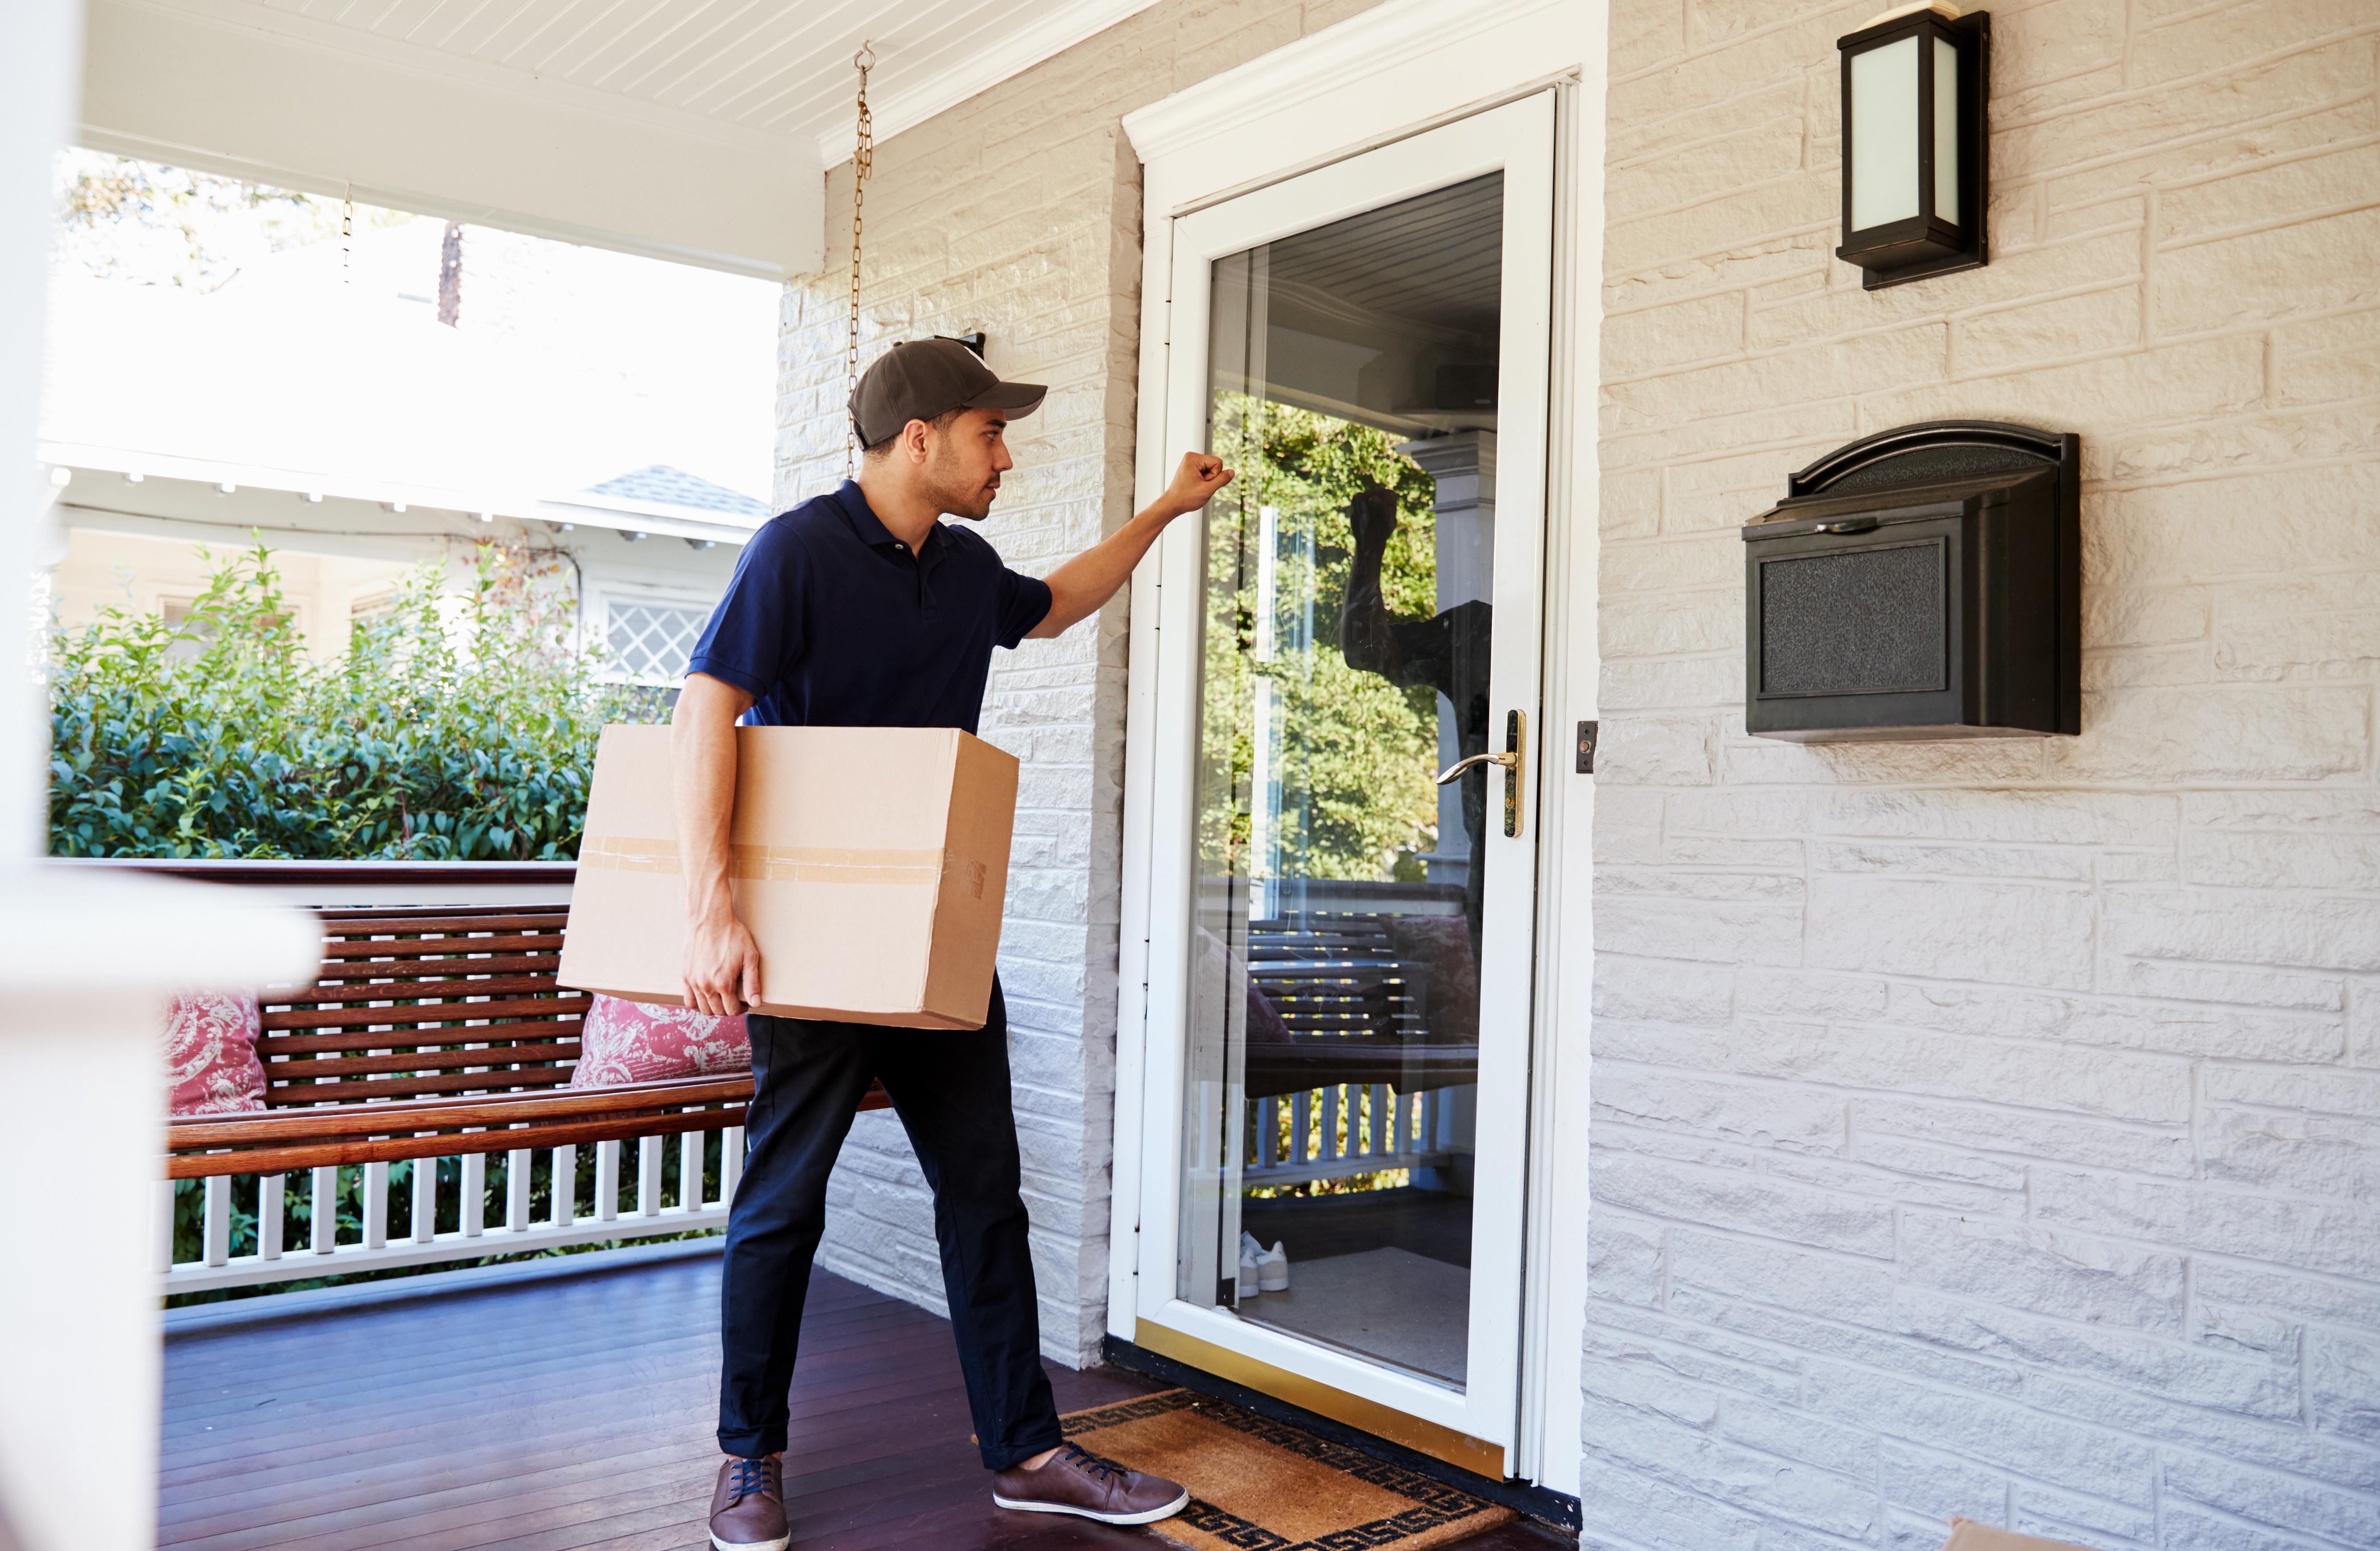 The Rise of Door to Door Delivery in 2020